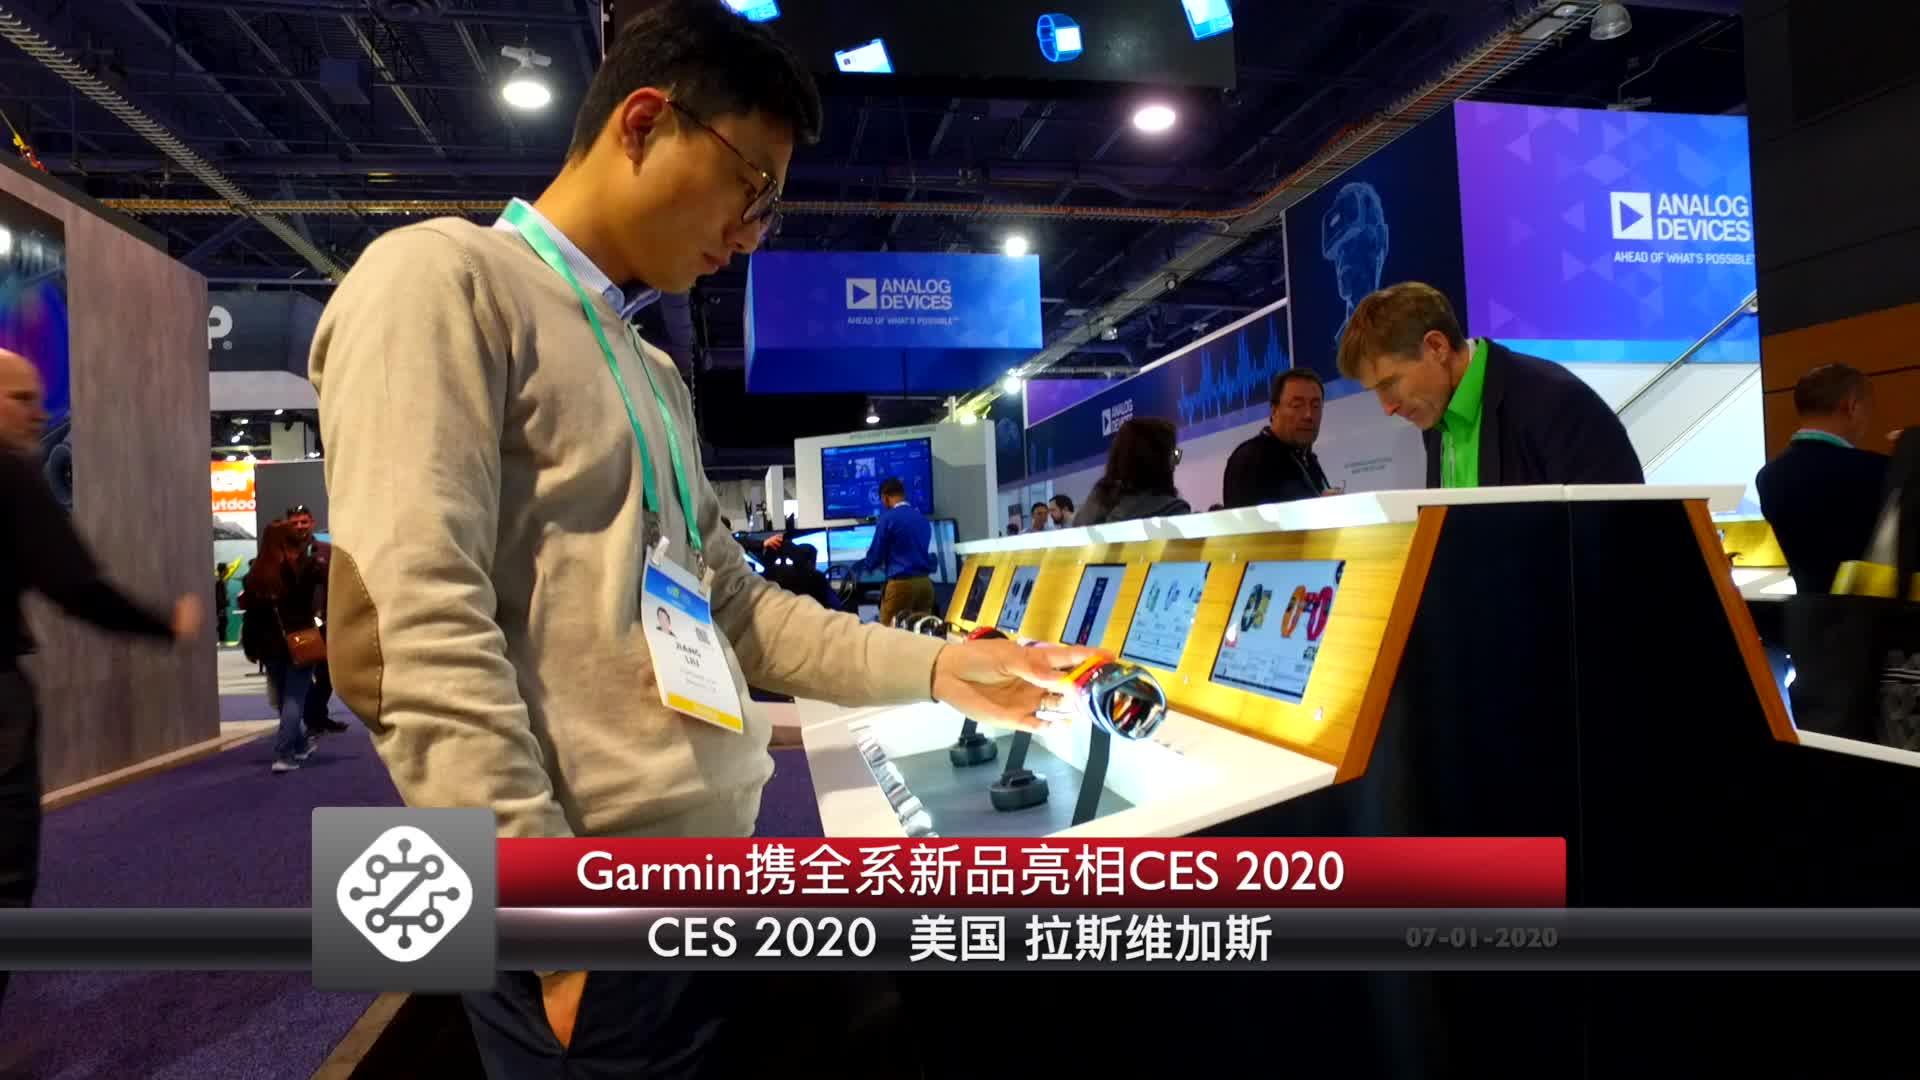 Garmin携全系新品亮相CES 2020 Tacx骑行台即将引进国内